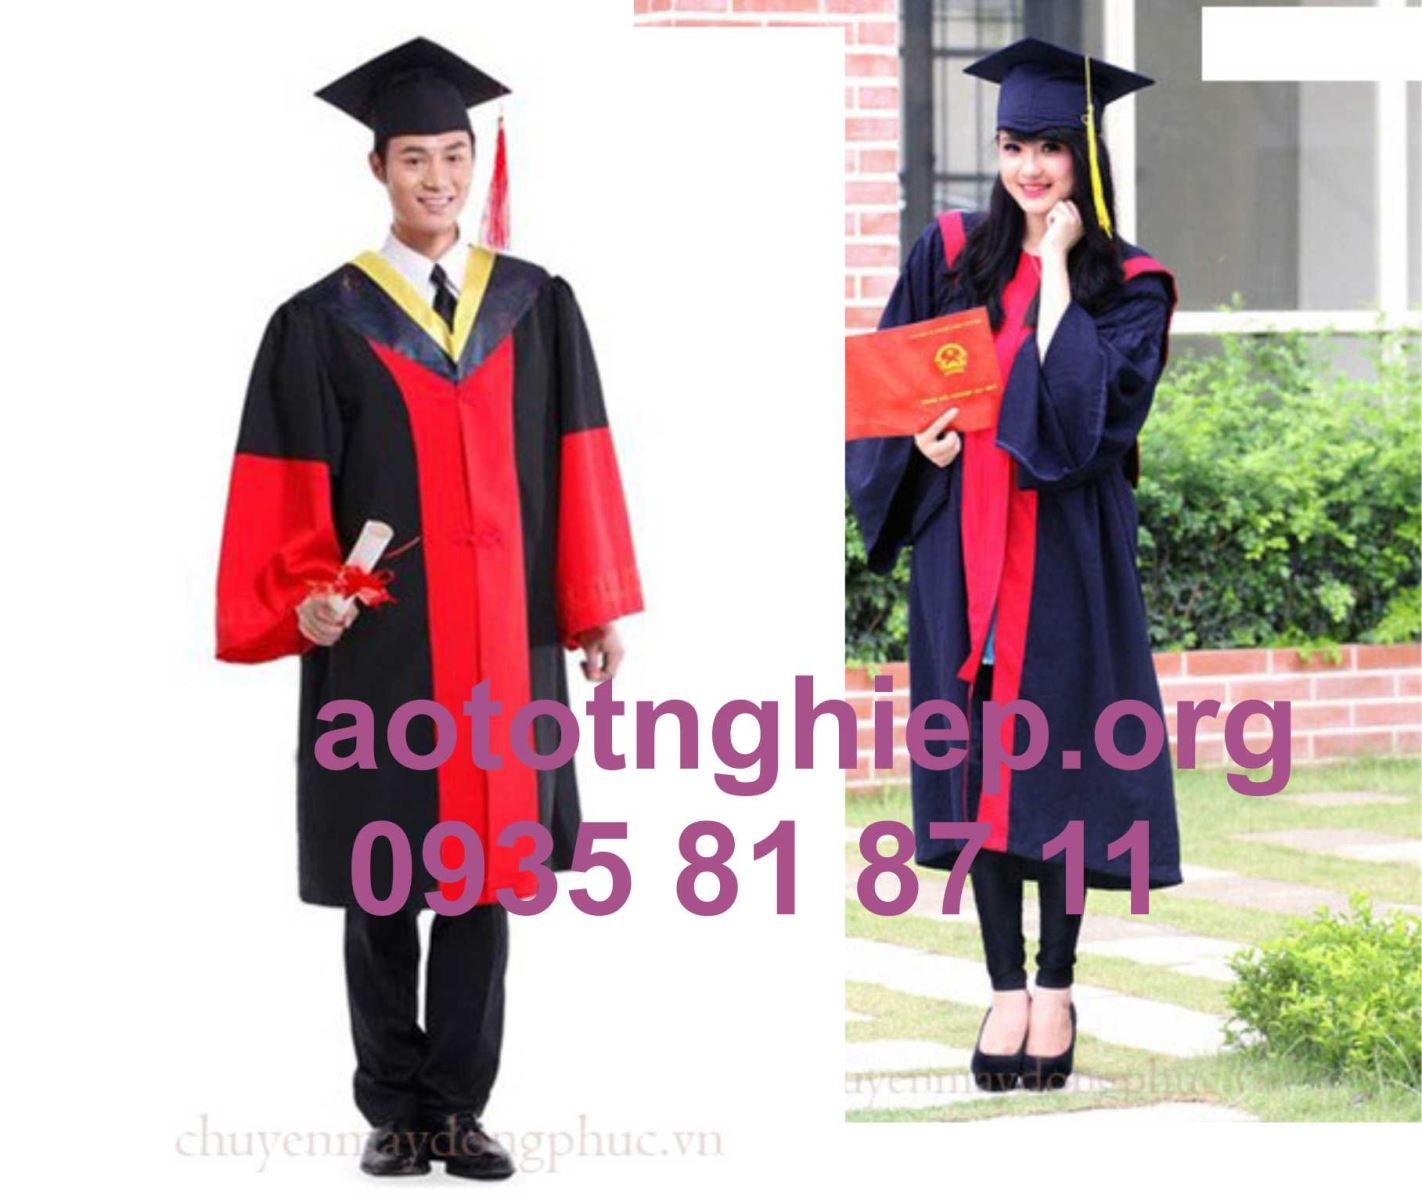 Xưởng may áo lễ phục tốt nghiệp